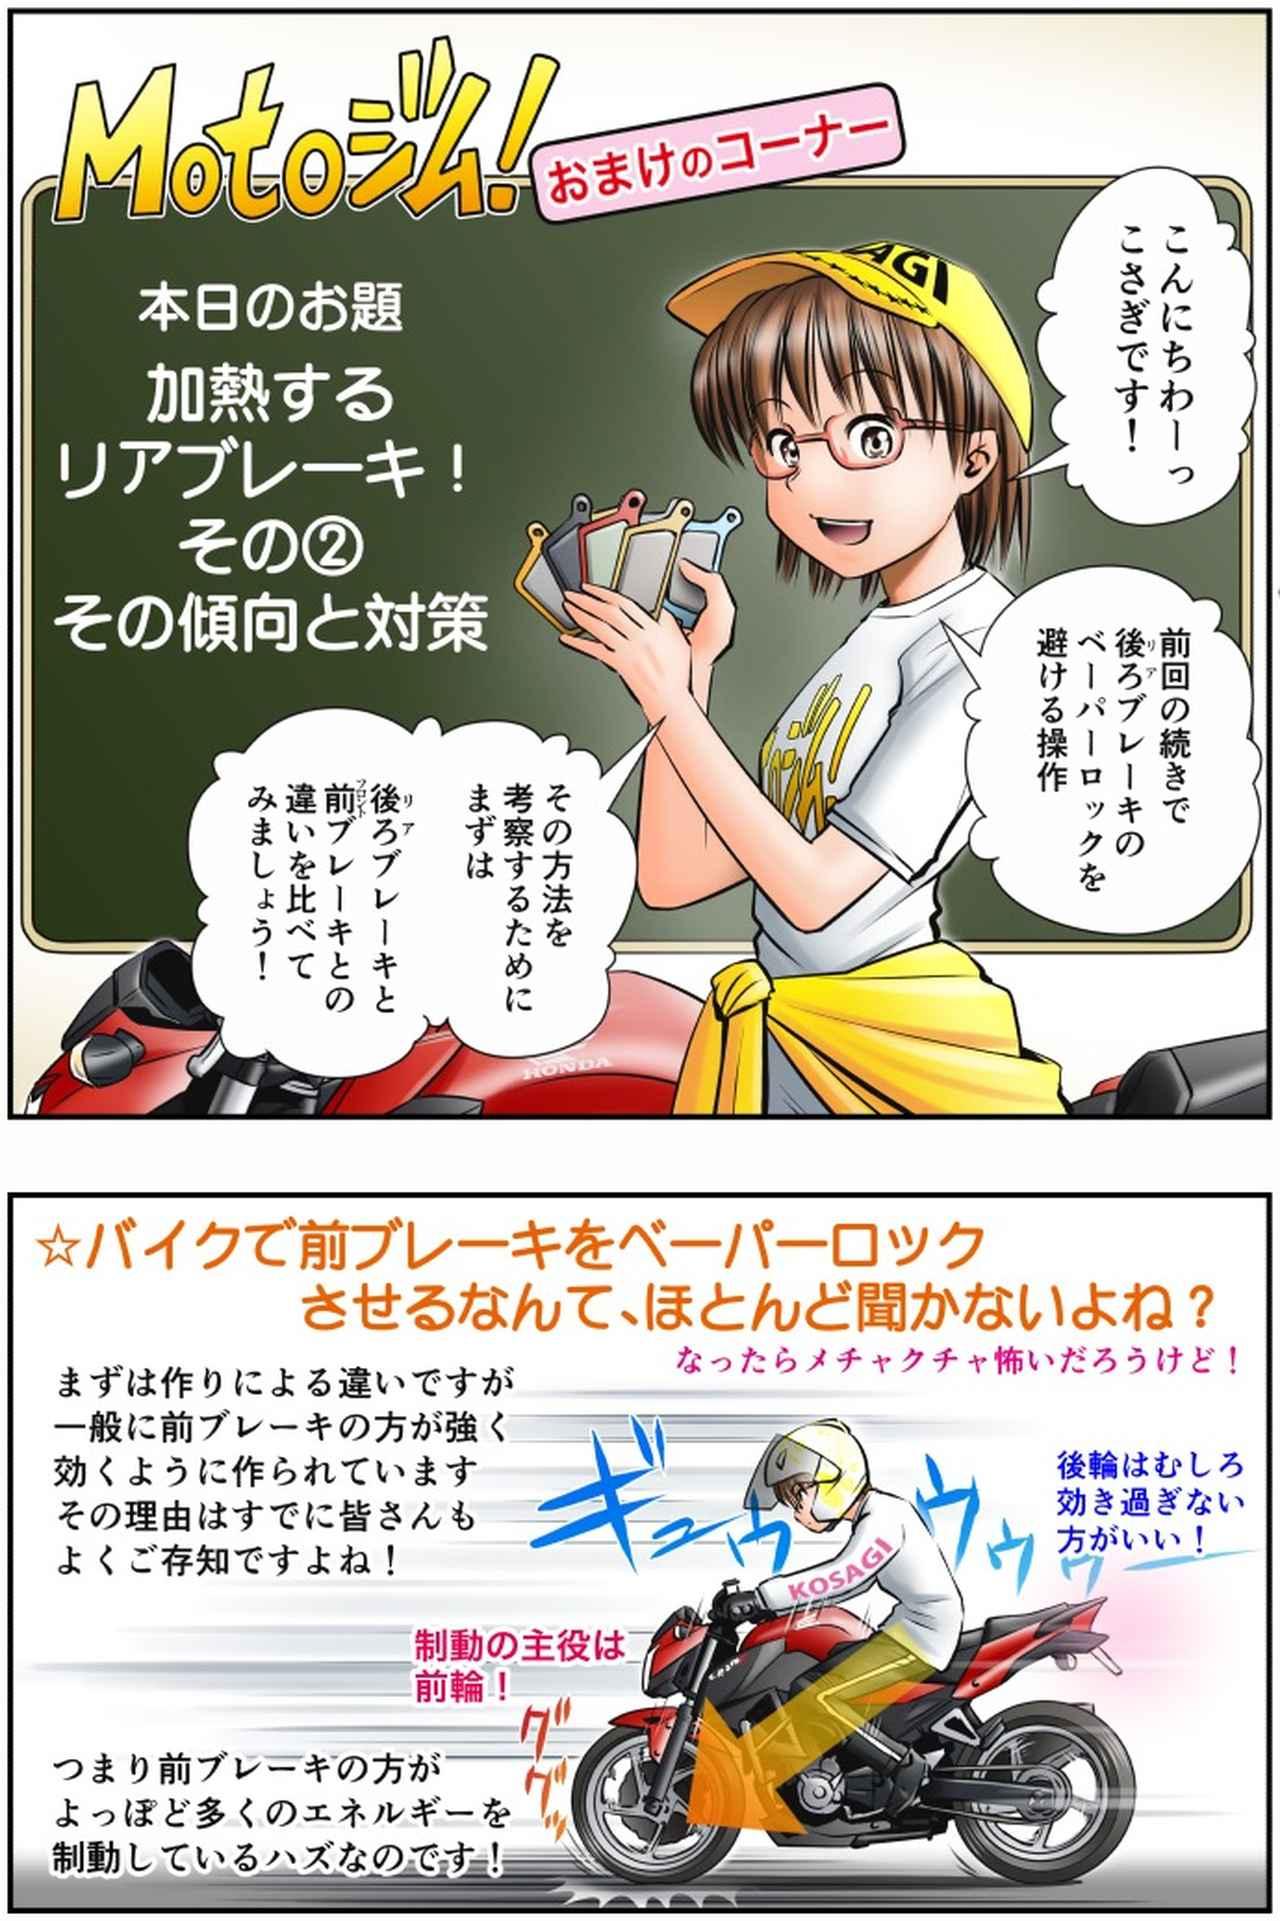 画像1: 【単行本第3巻が新発売!】 Motoジム! おまけのコーナー (加熱するリアブレーキ! その②)  作・ばどみゅーみん